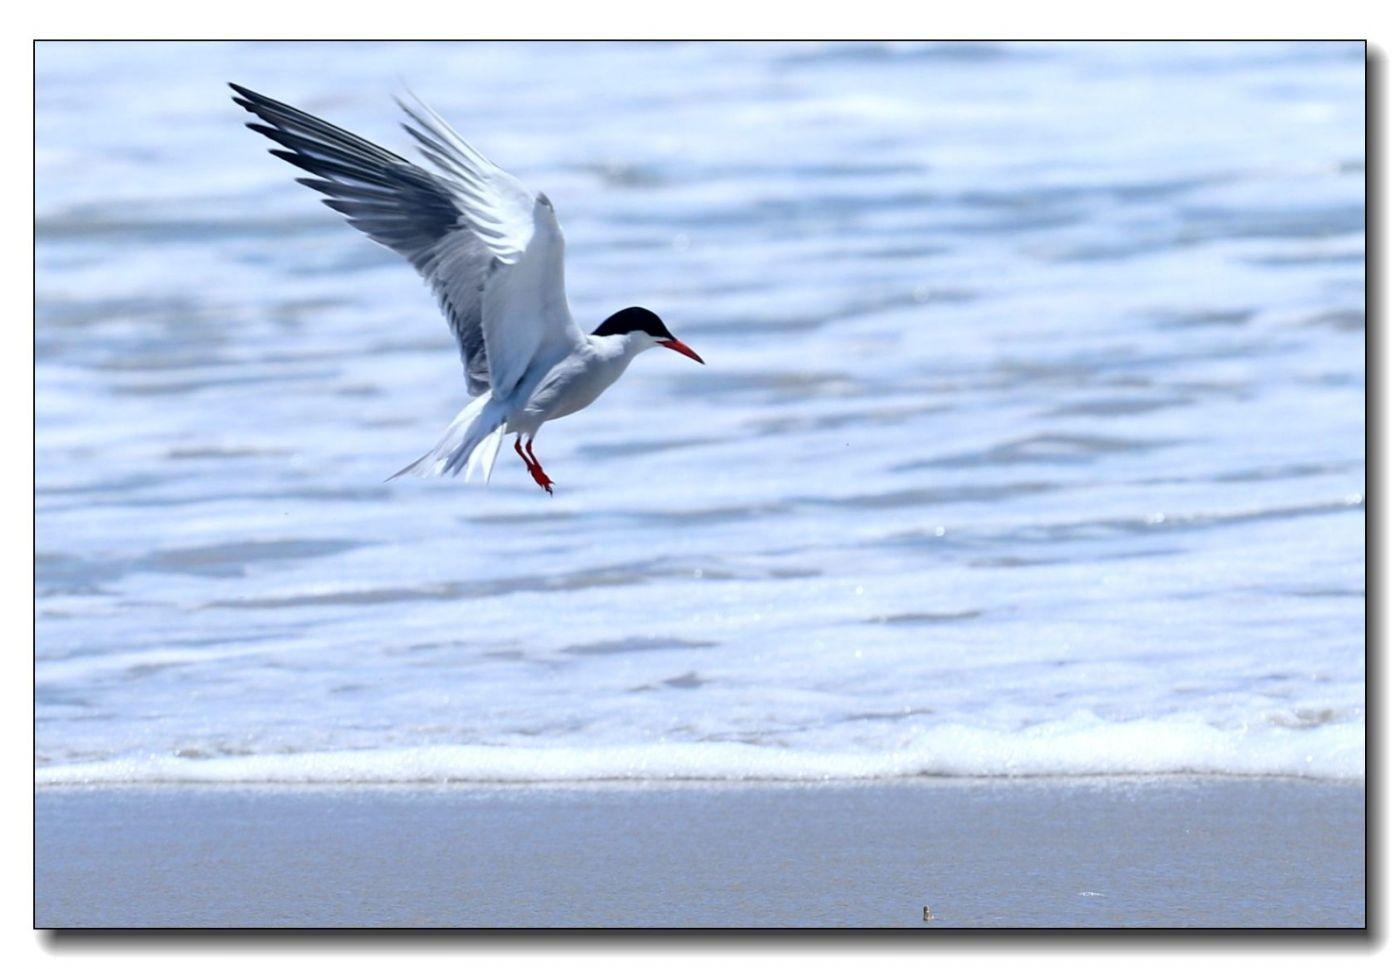 洛克威海滩拍鸟-燕鸥_图1-8